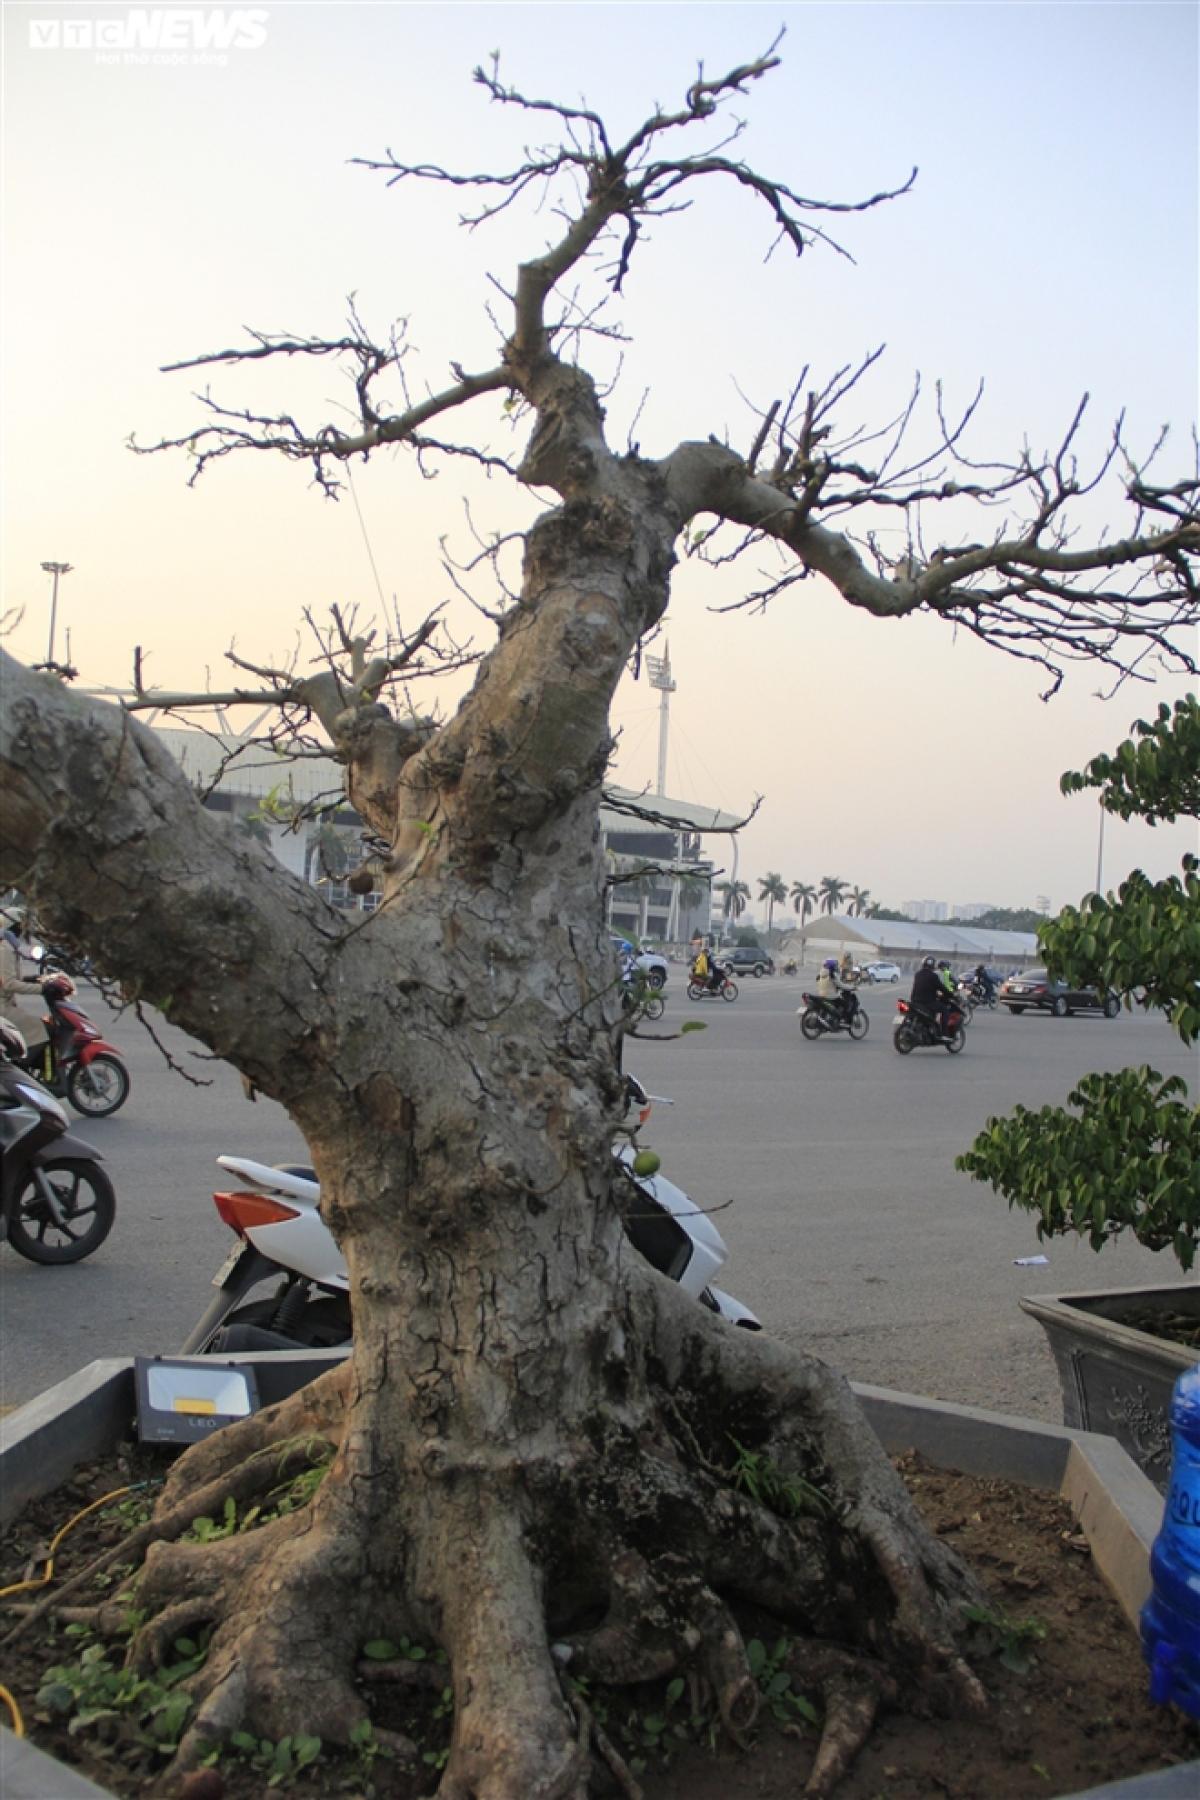 Nhìn từ xa, nhiều người bị cuốn hút bởi cây sung dáng lạ, gốc có nhiều rễ lớn nổi trên mặt đất, màu bệ rễ như đã hóa thạch đẹp mắt.